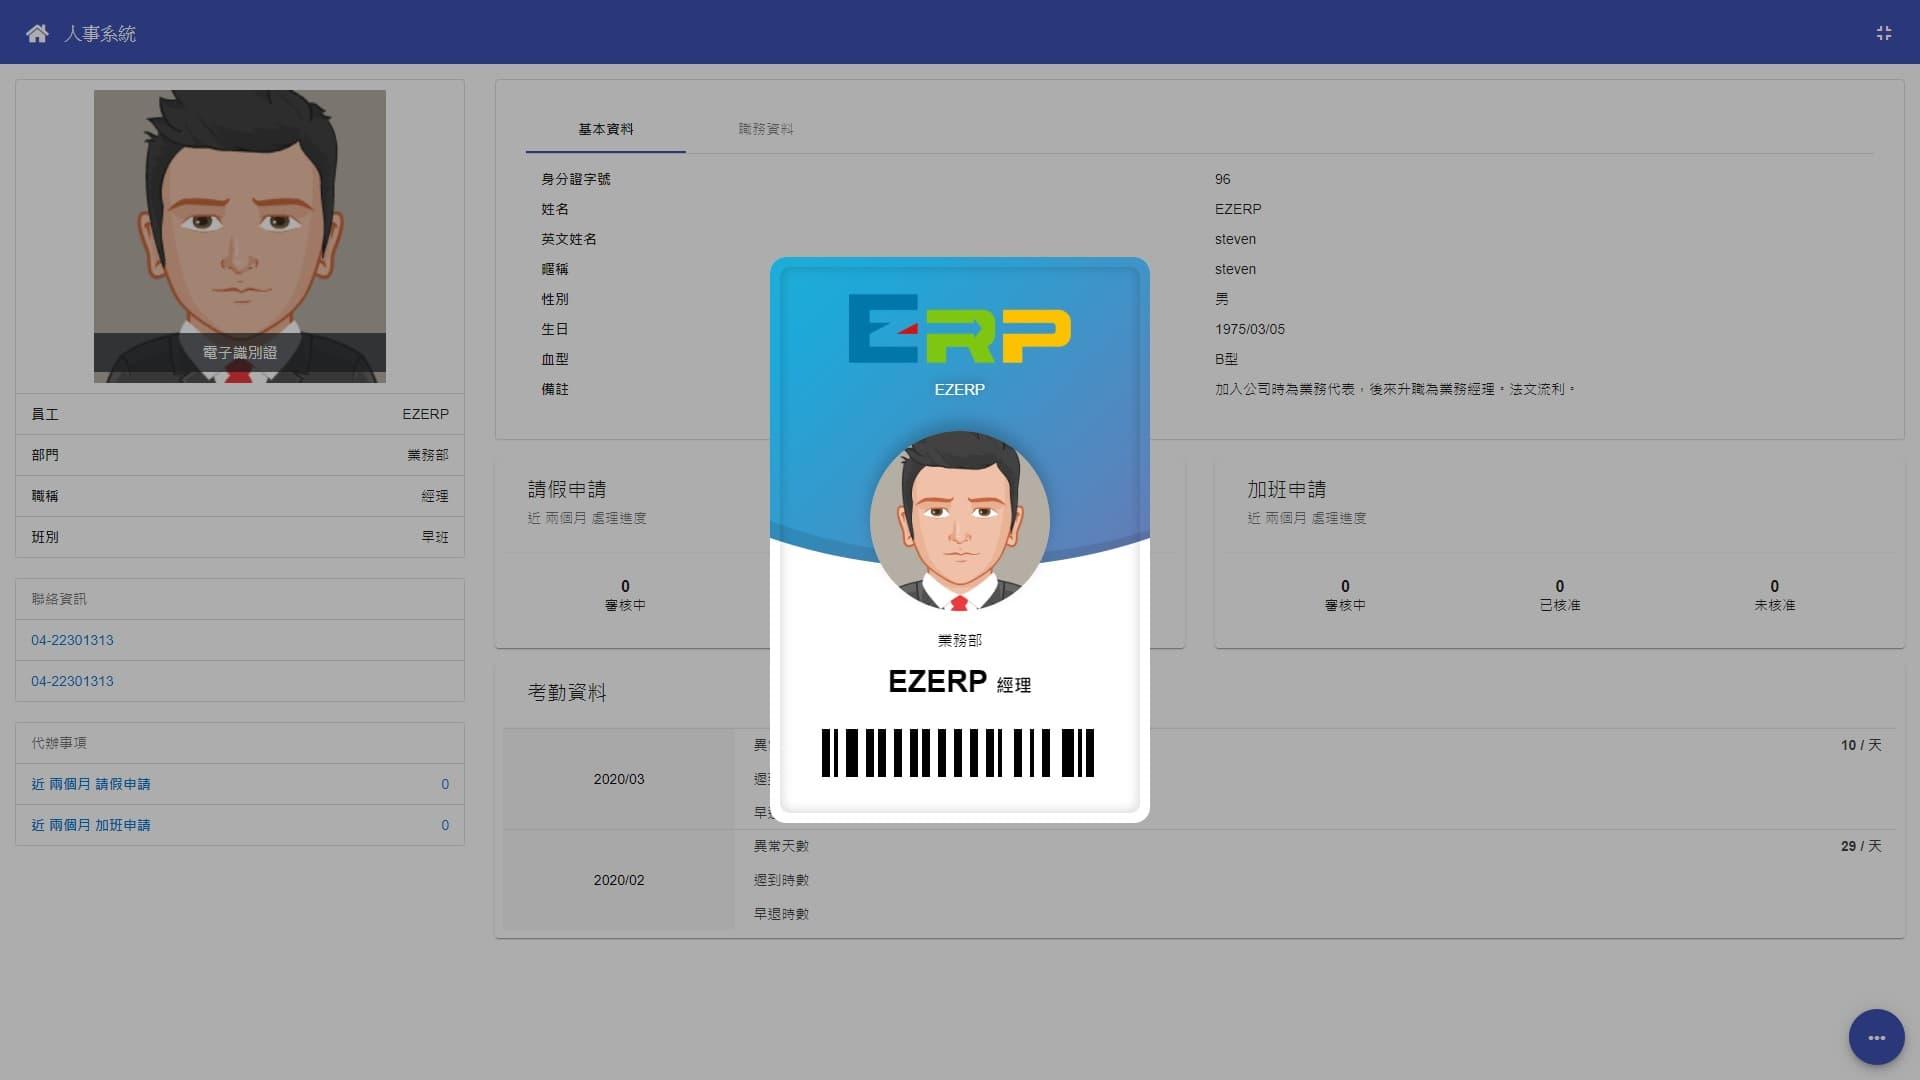 人事考勤管理系統 | 首頁資訊-員工電子識別證